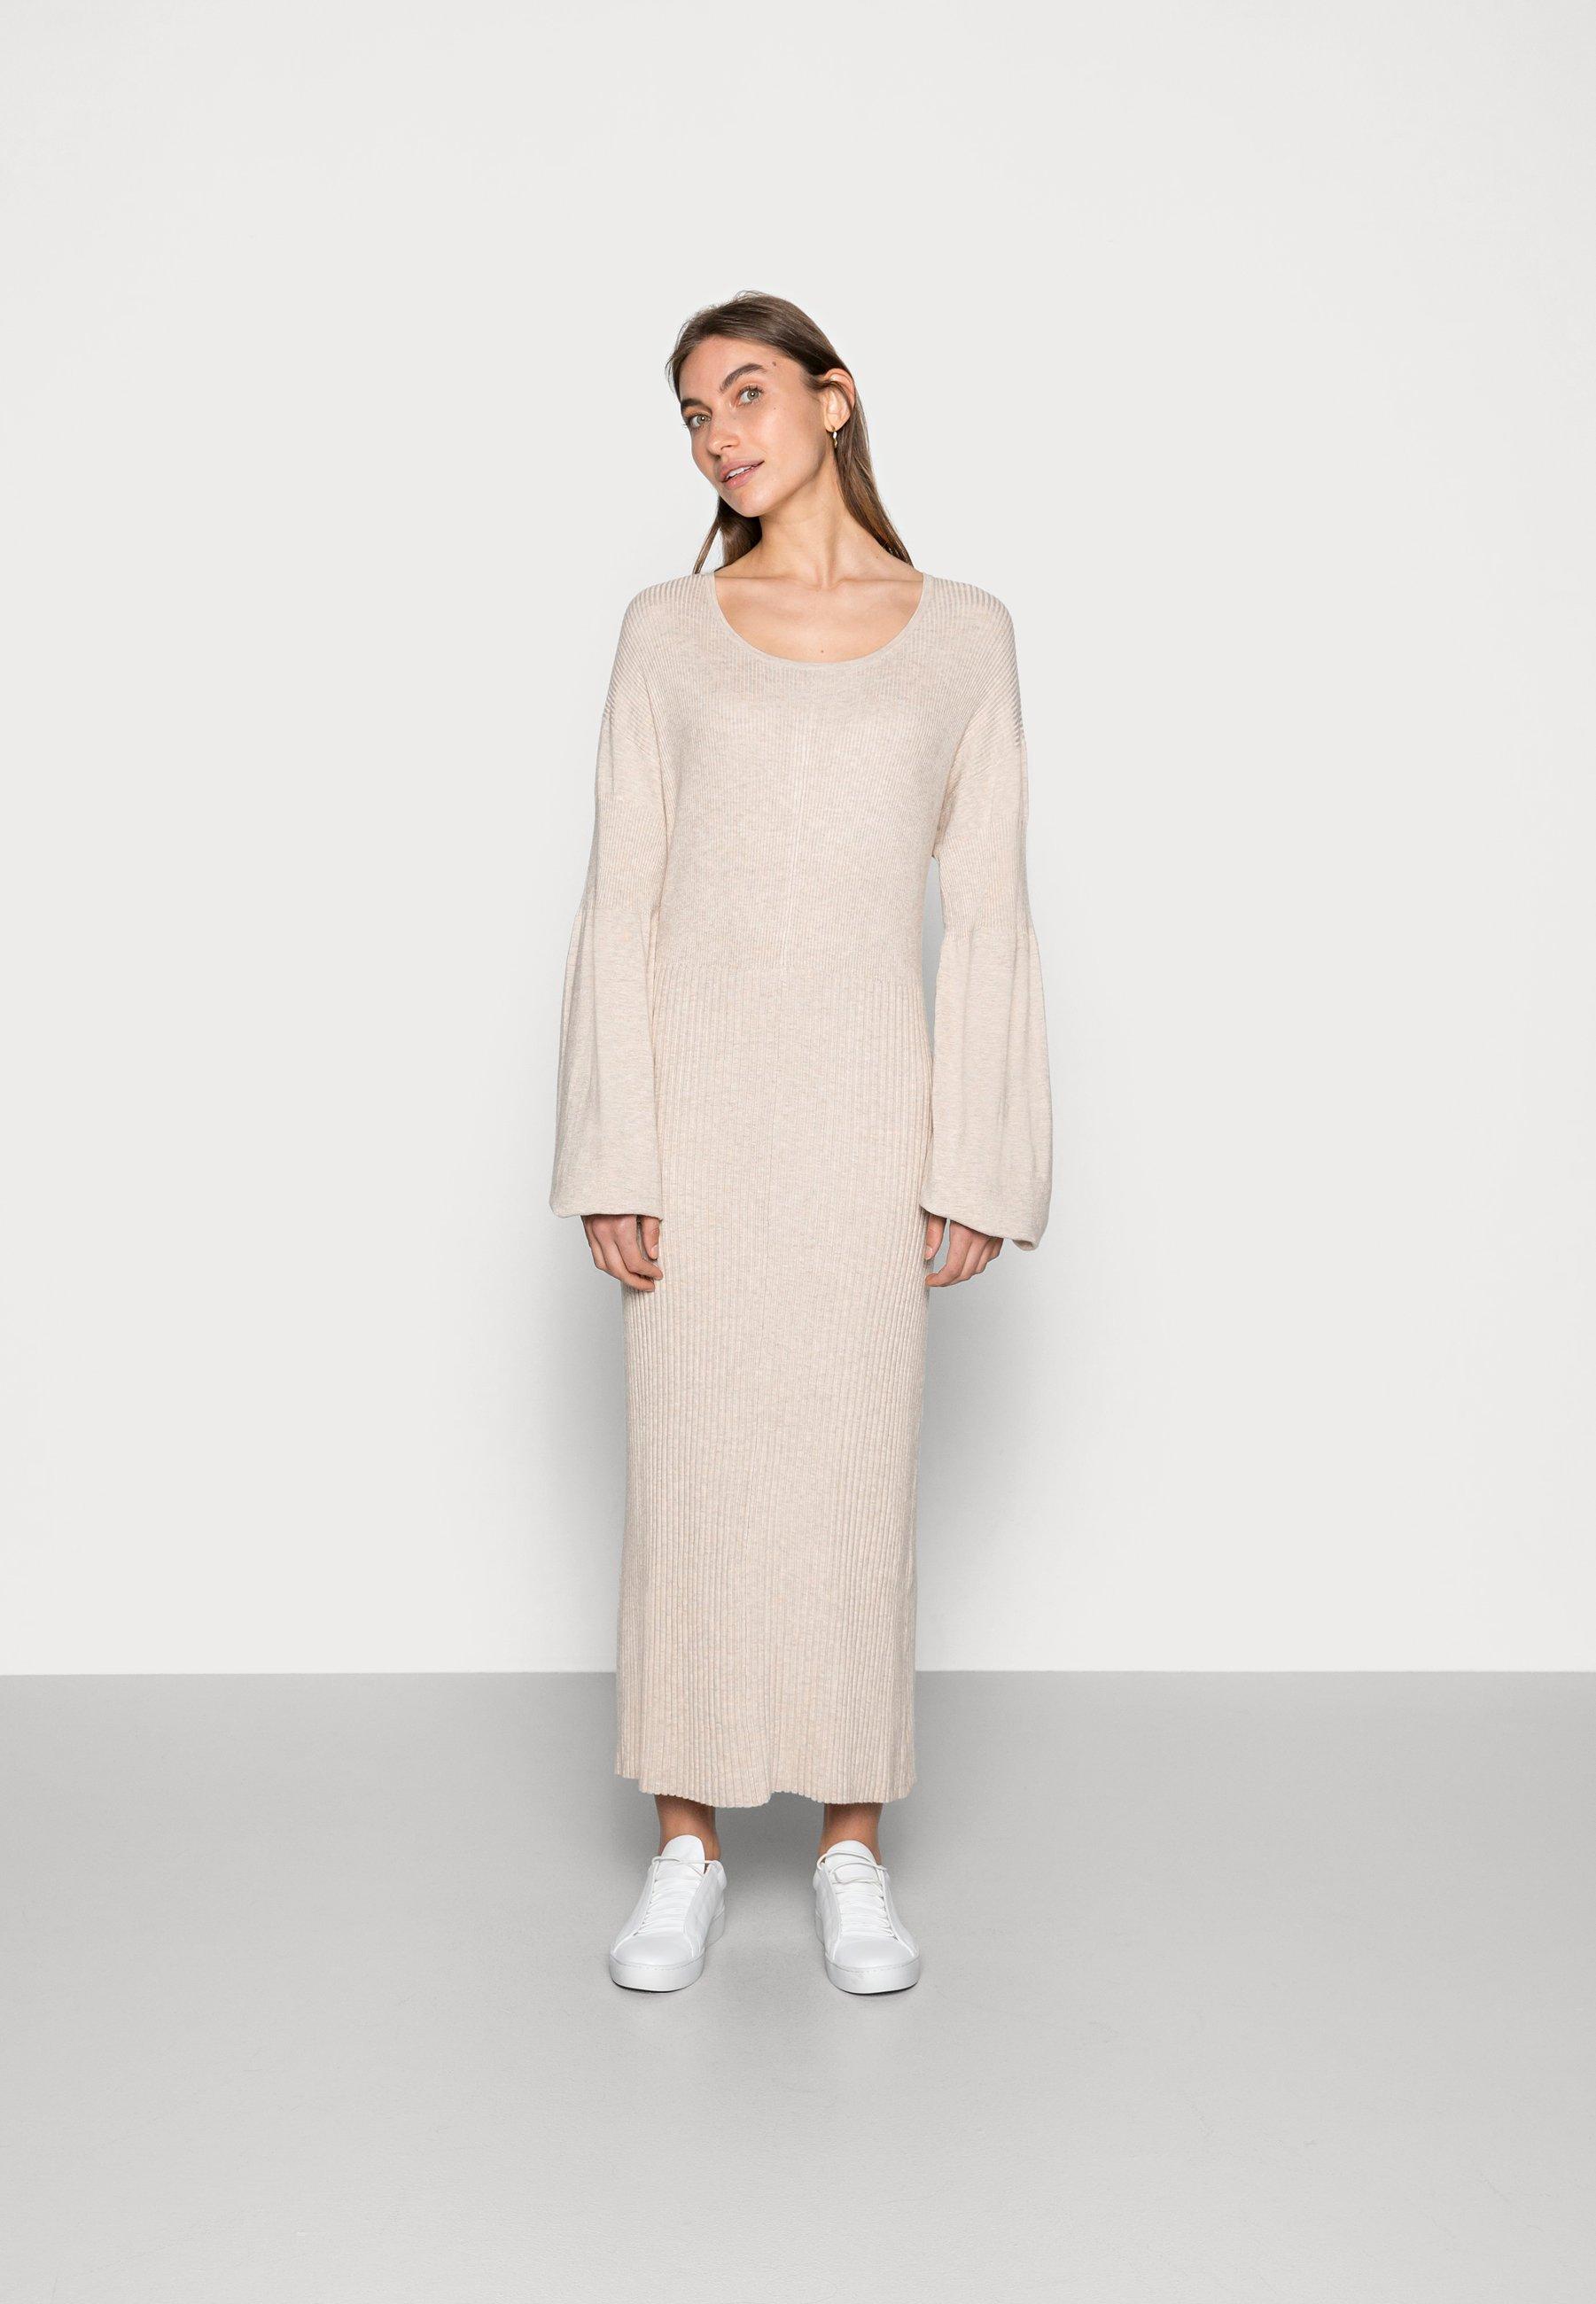 Femme NOIAN DRESS - Robe pull